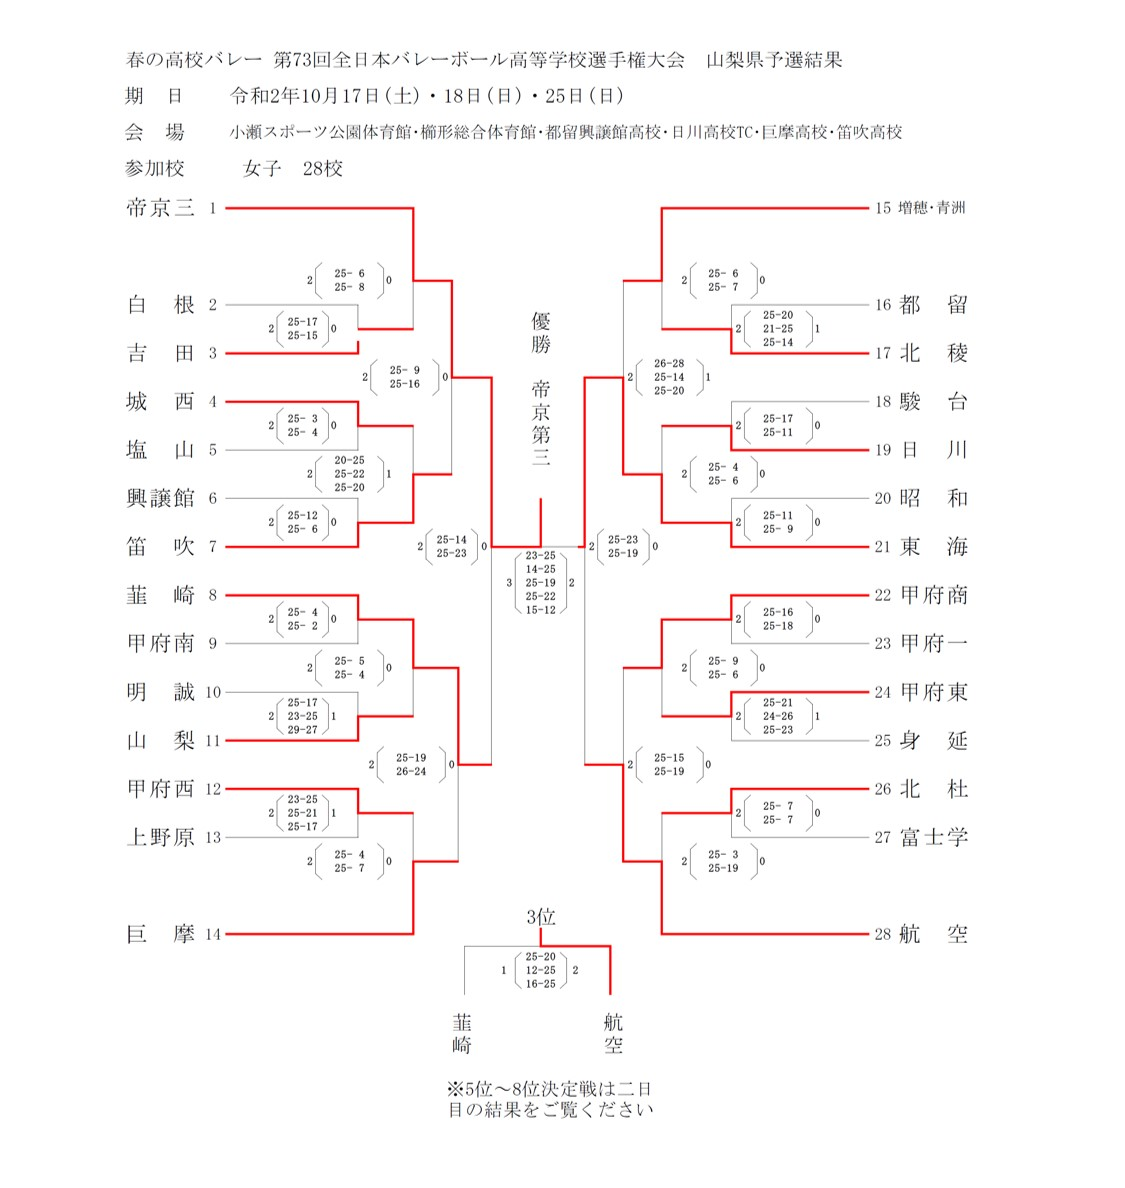 2020年度_全日本高校選手権_山梨予選_女子_最終結果